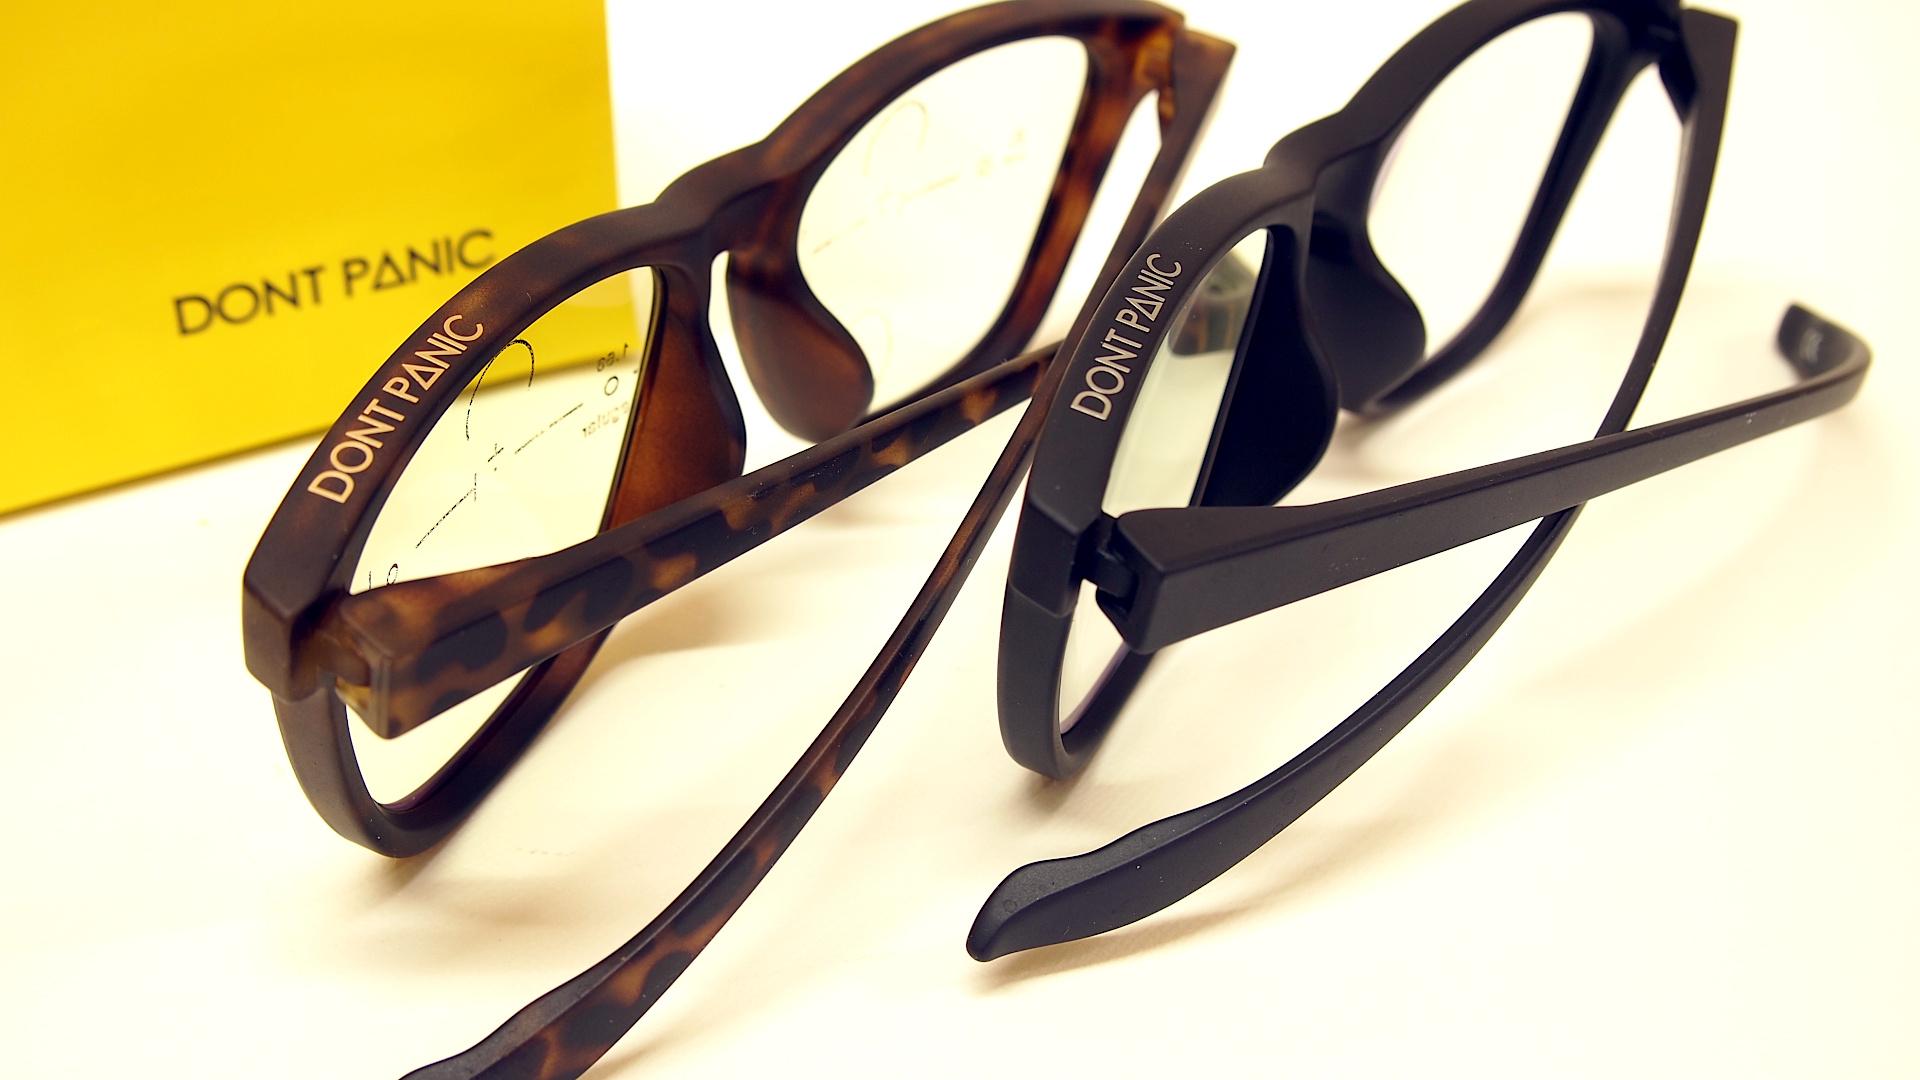 おしゃれな老眼鏡 DON'T PANIC | 静岡 海野眼鏡店